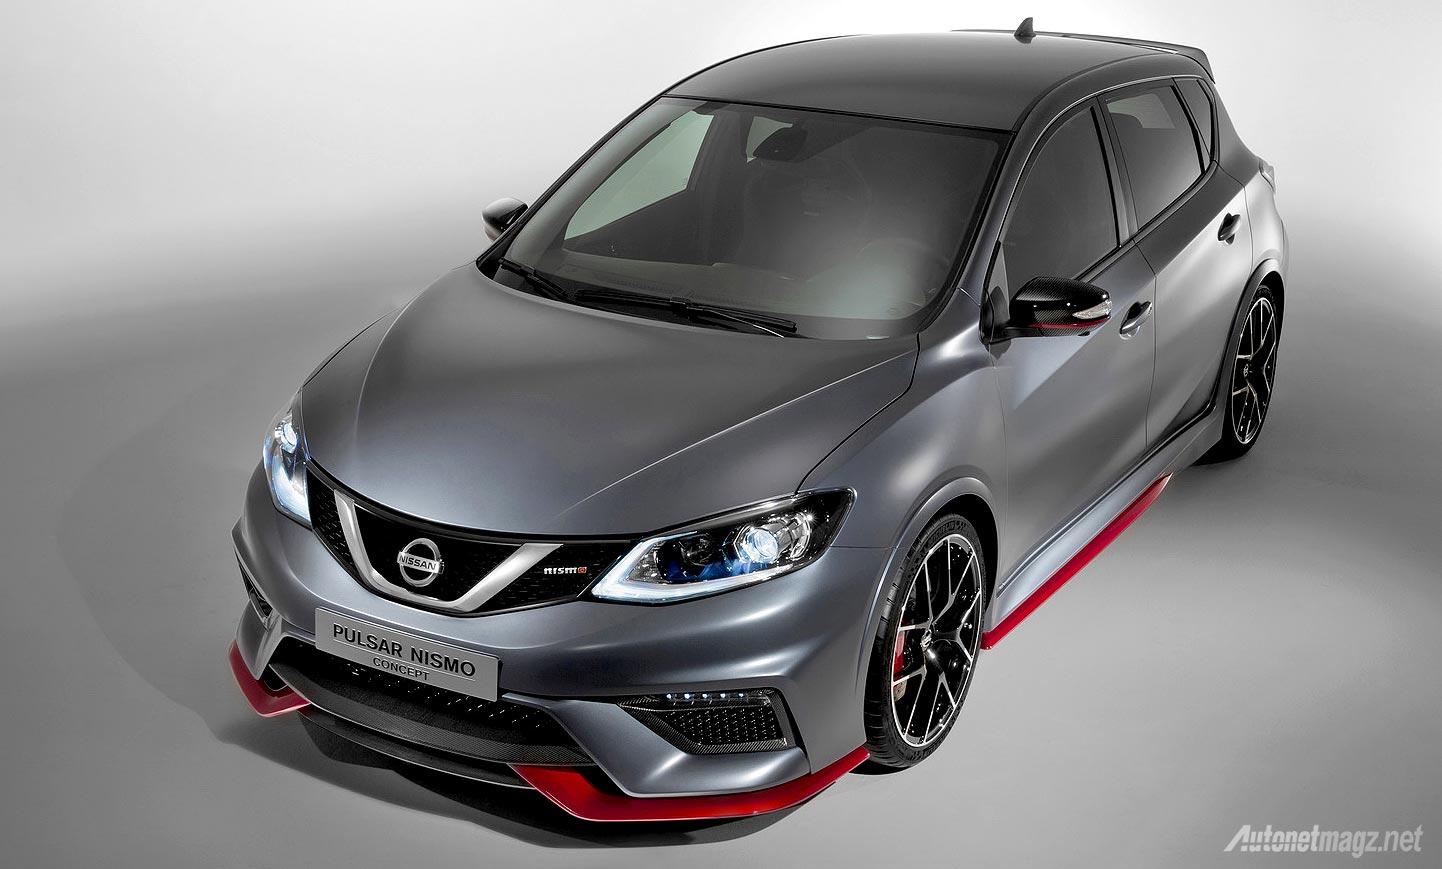 Mobil hatchback sport Nissan Pulsar Nismo 2015